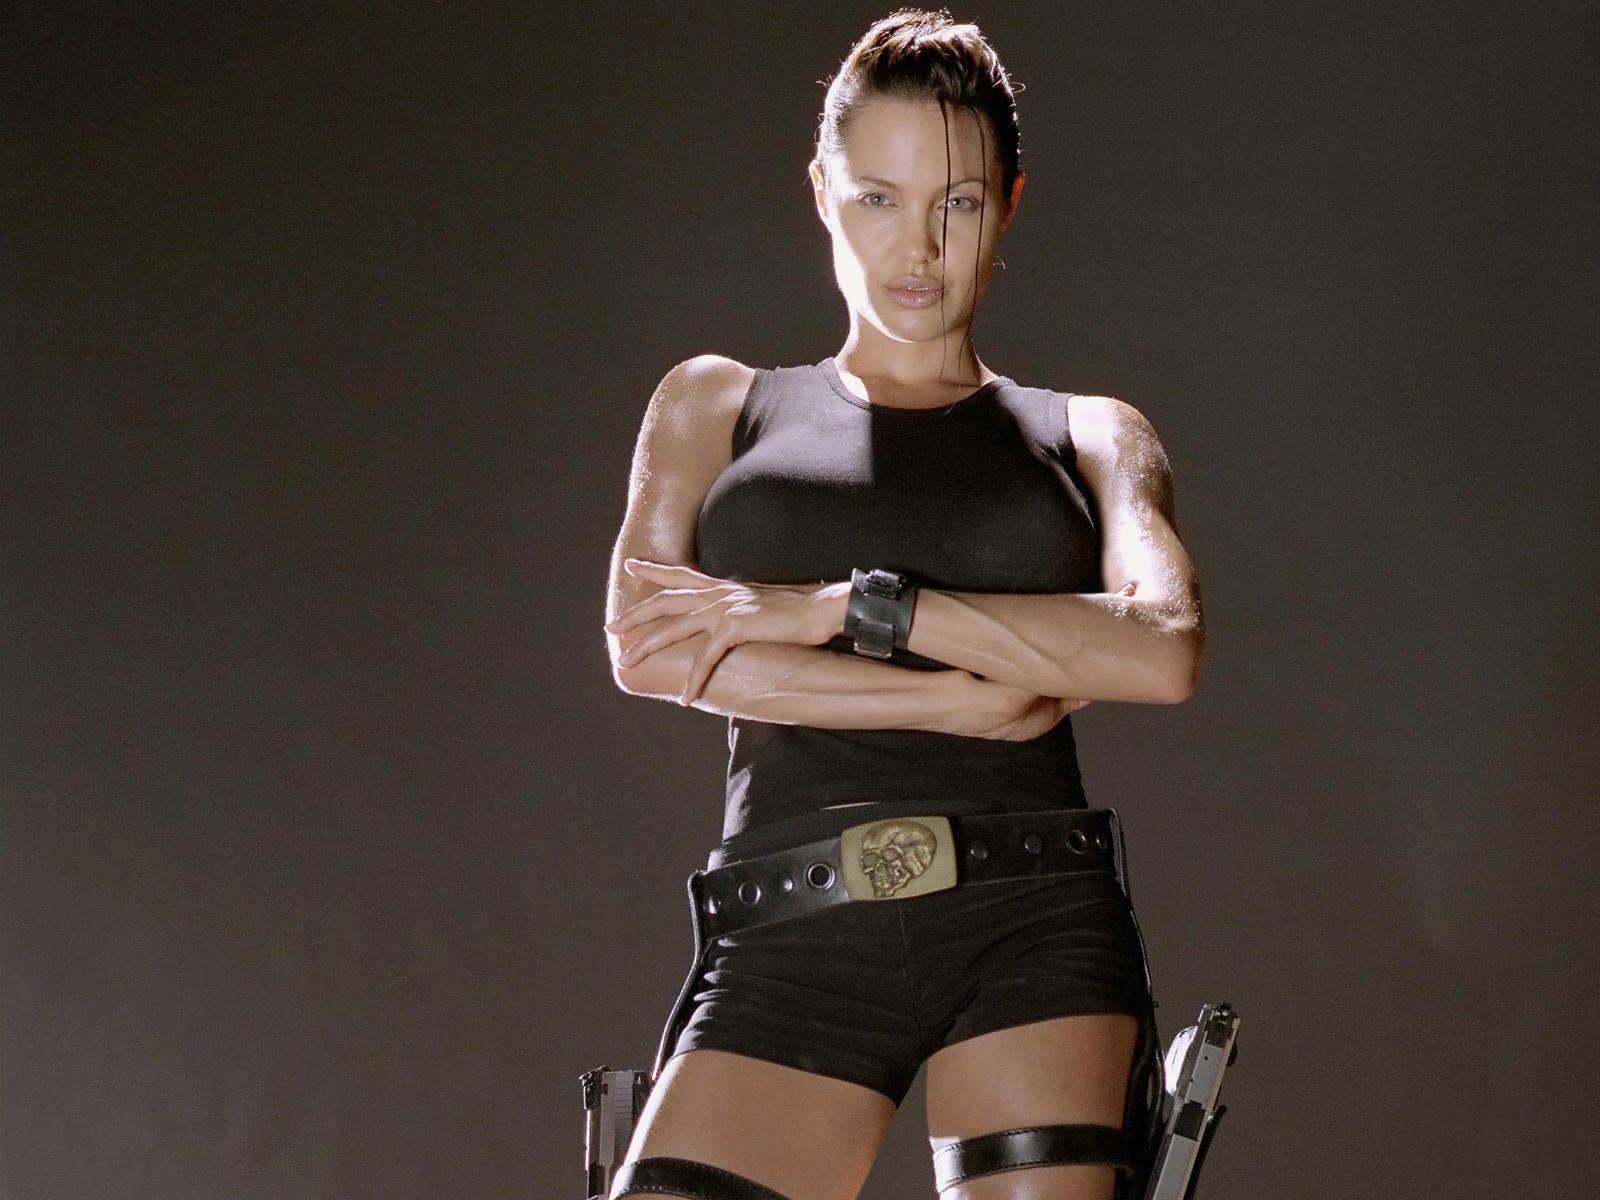 Angelina 2001